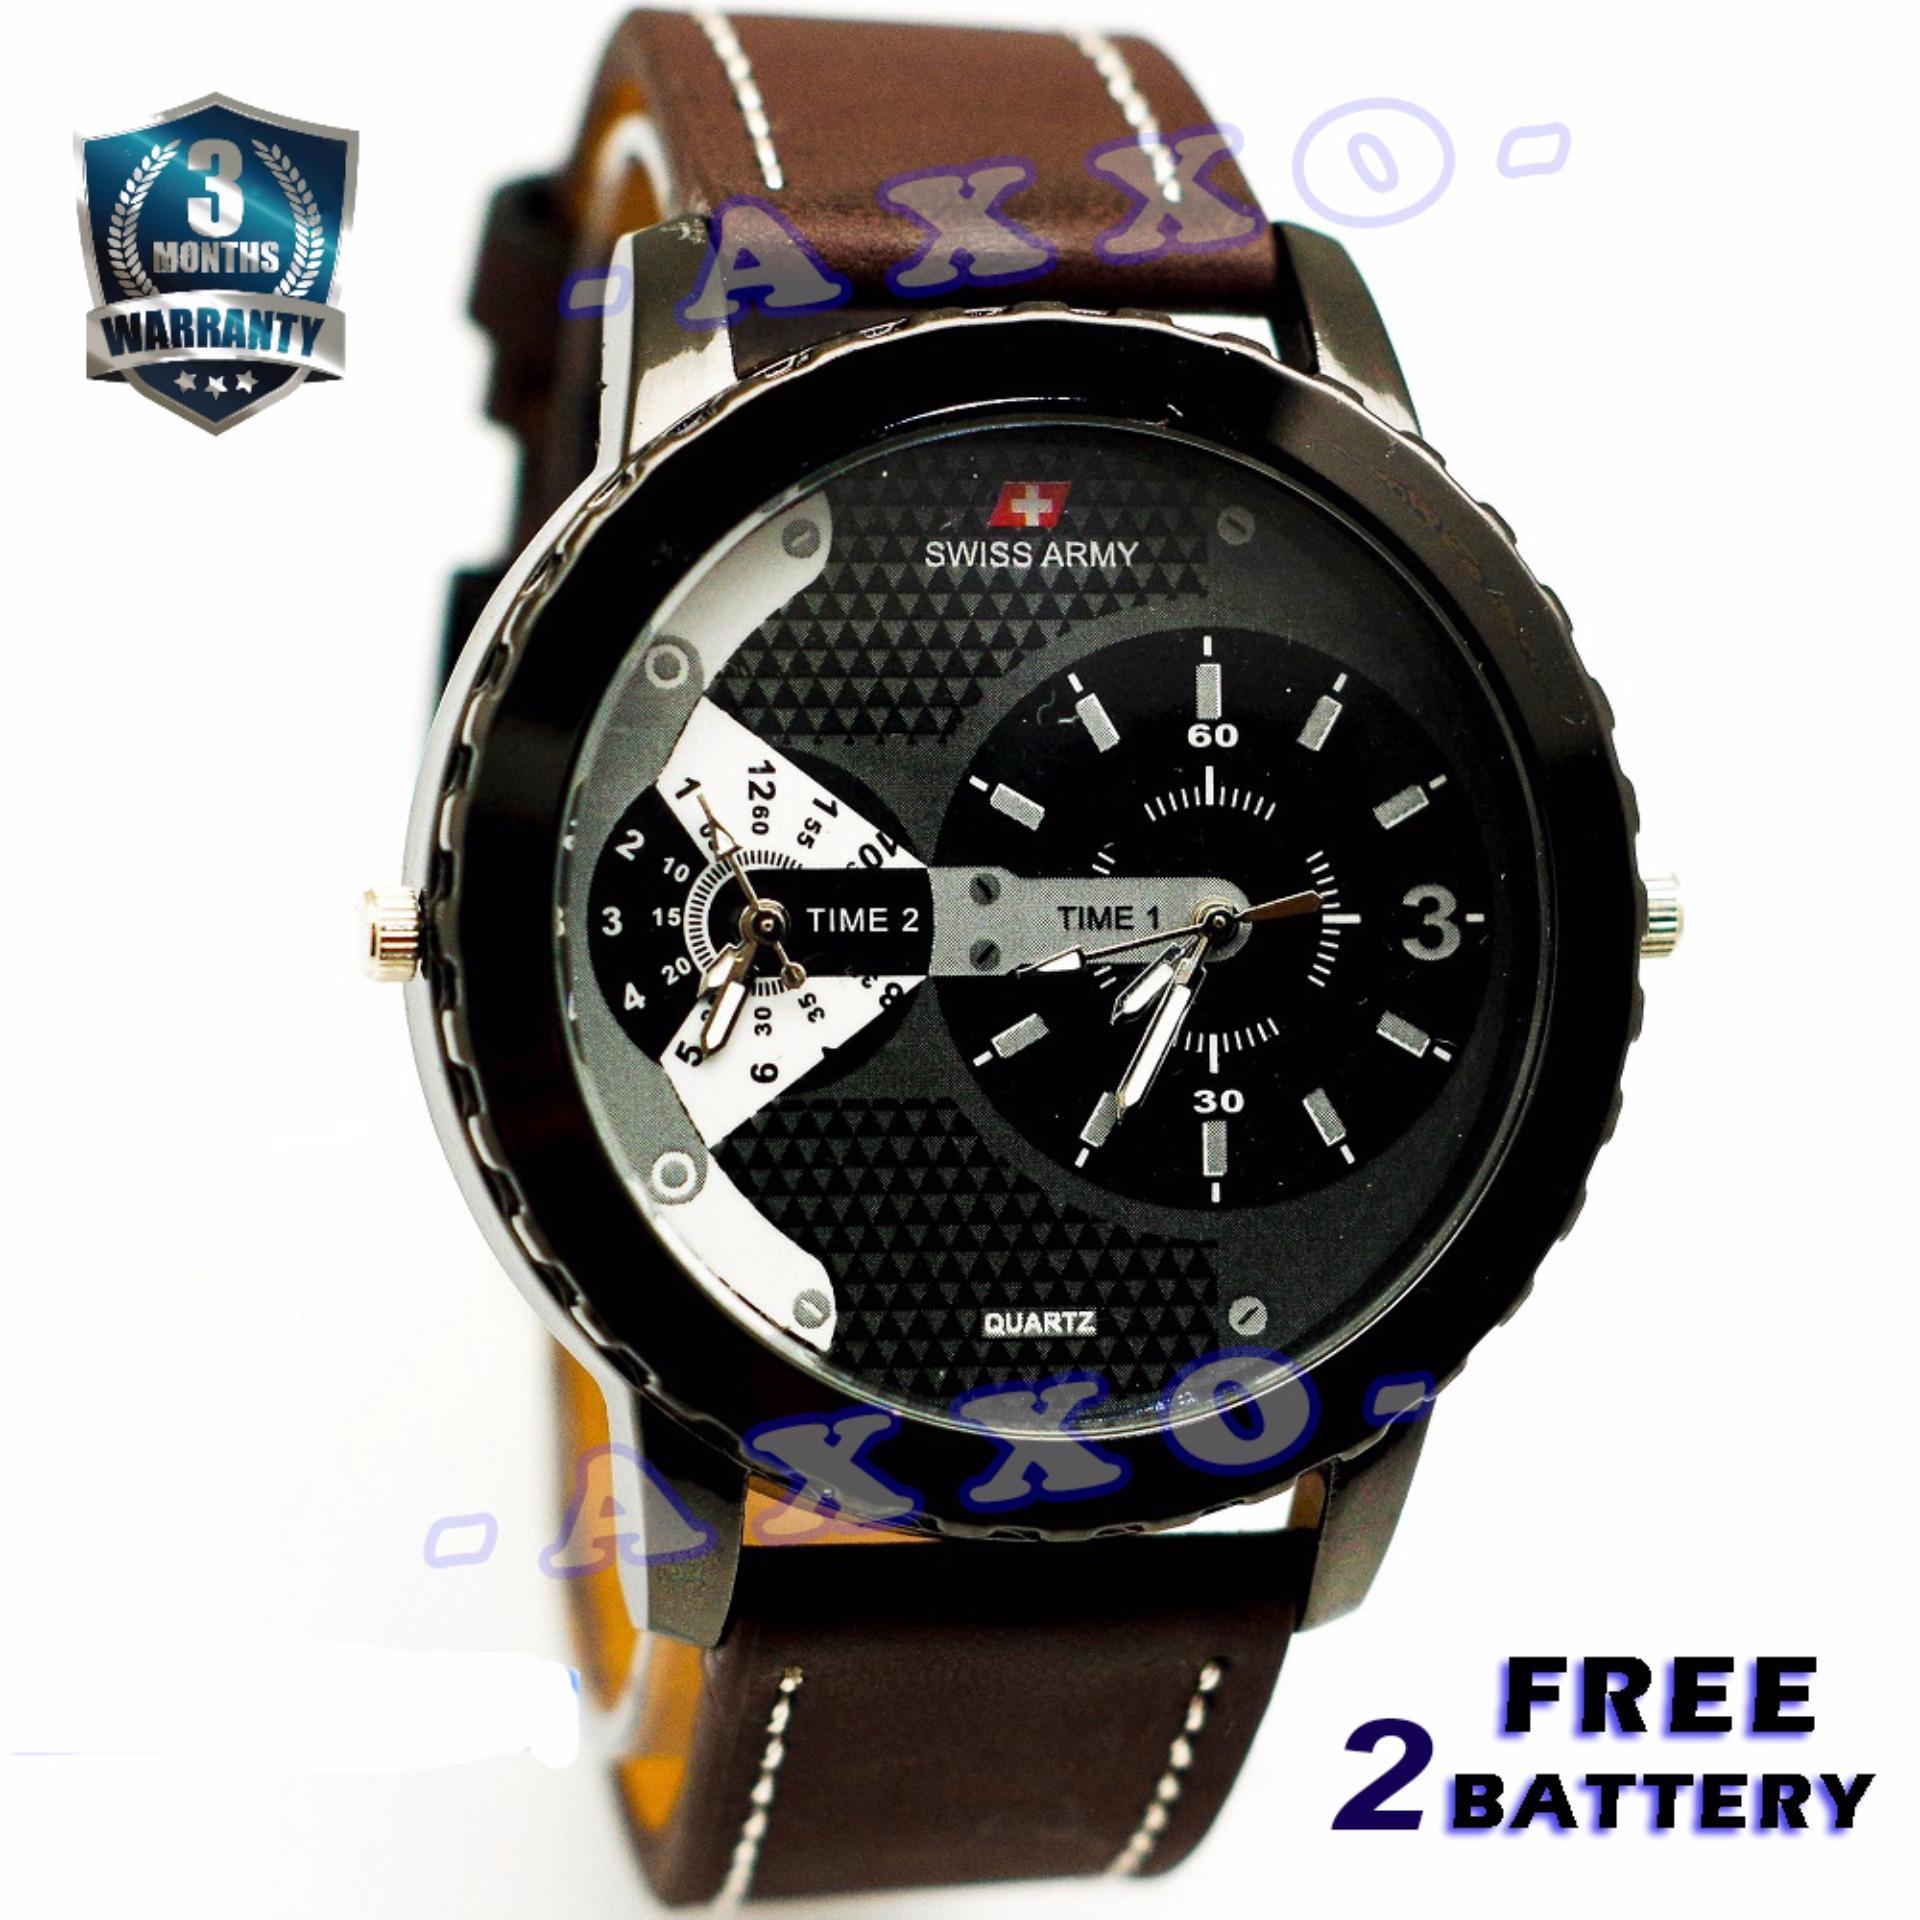 Swiss Army Dual Time - Jam Tangan Pria - Strap Kulit - Coklat Tua Variasi Putih - SA 0047